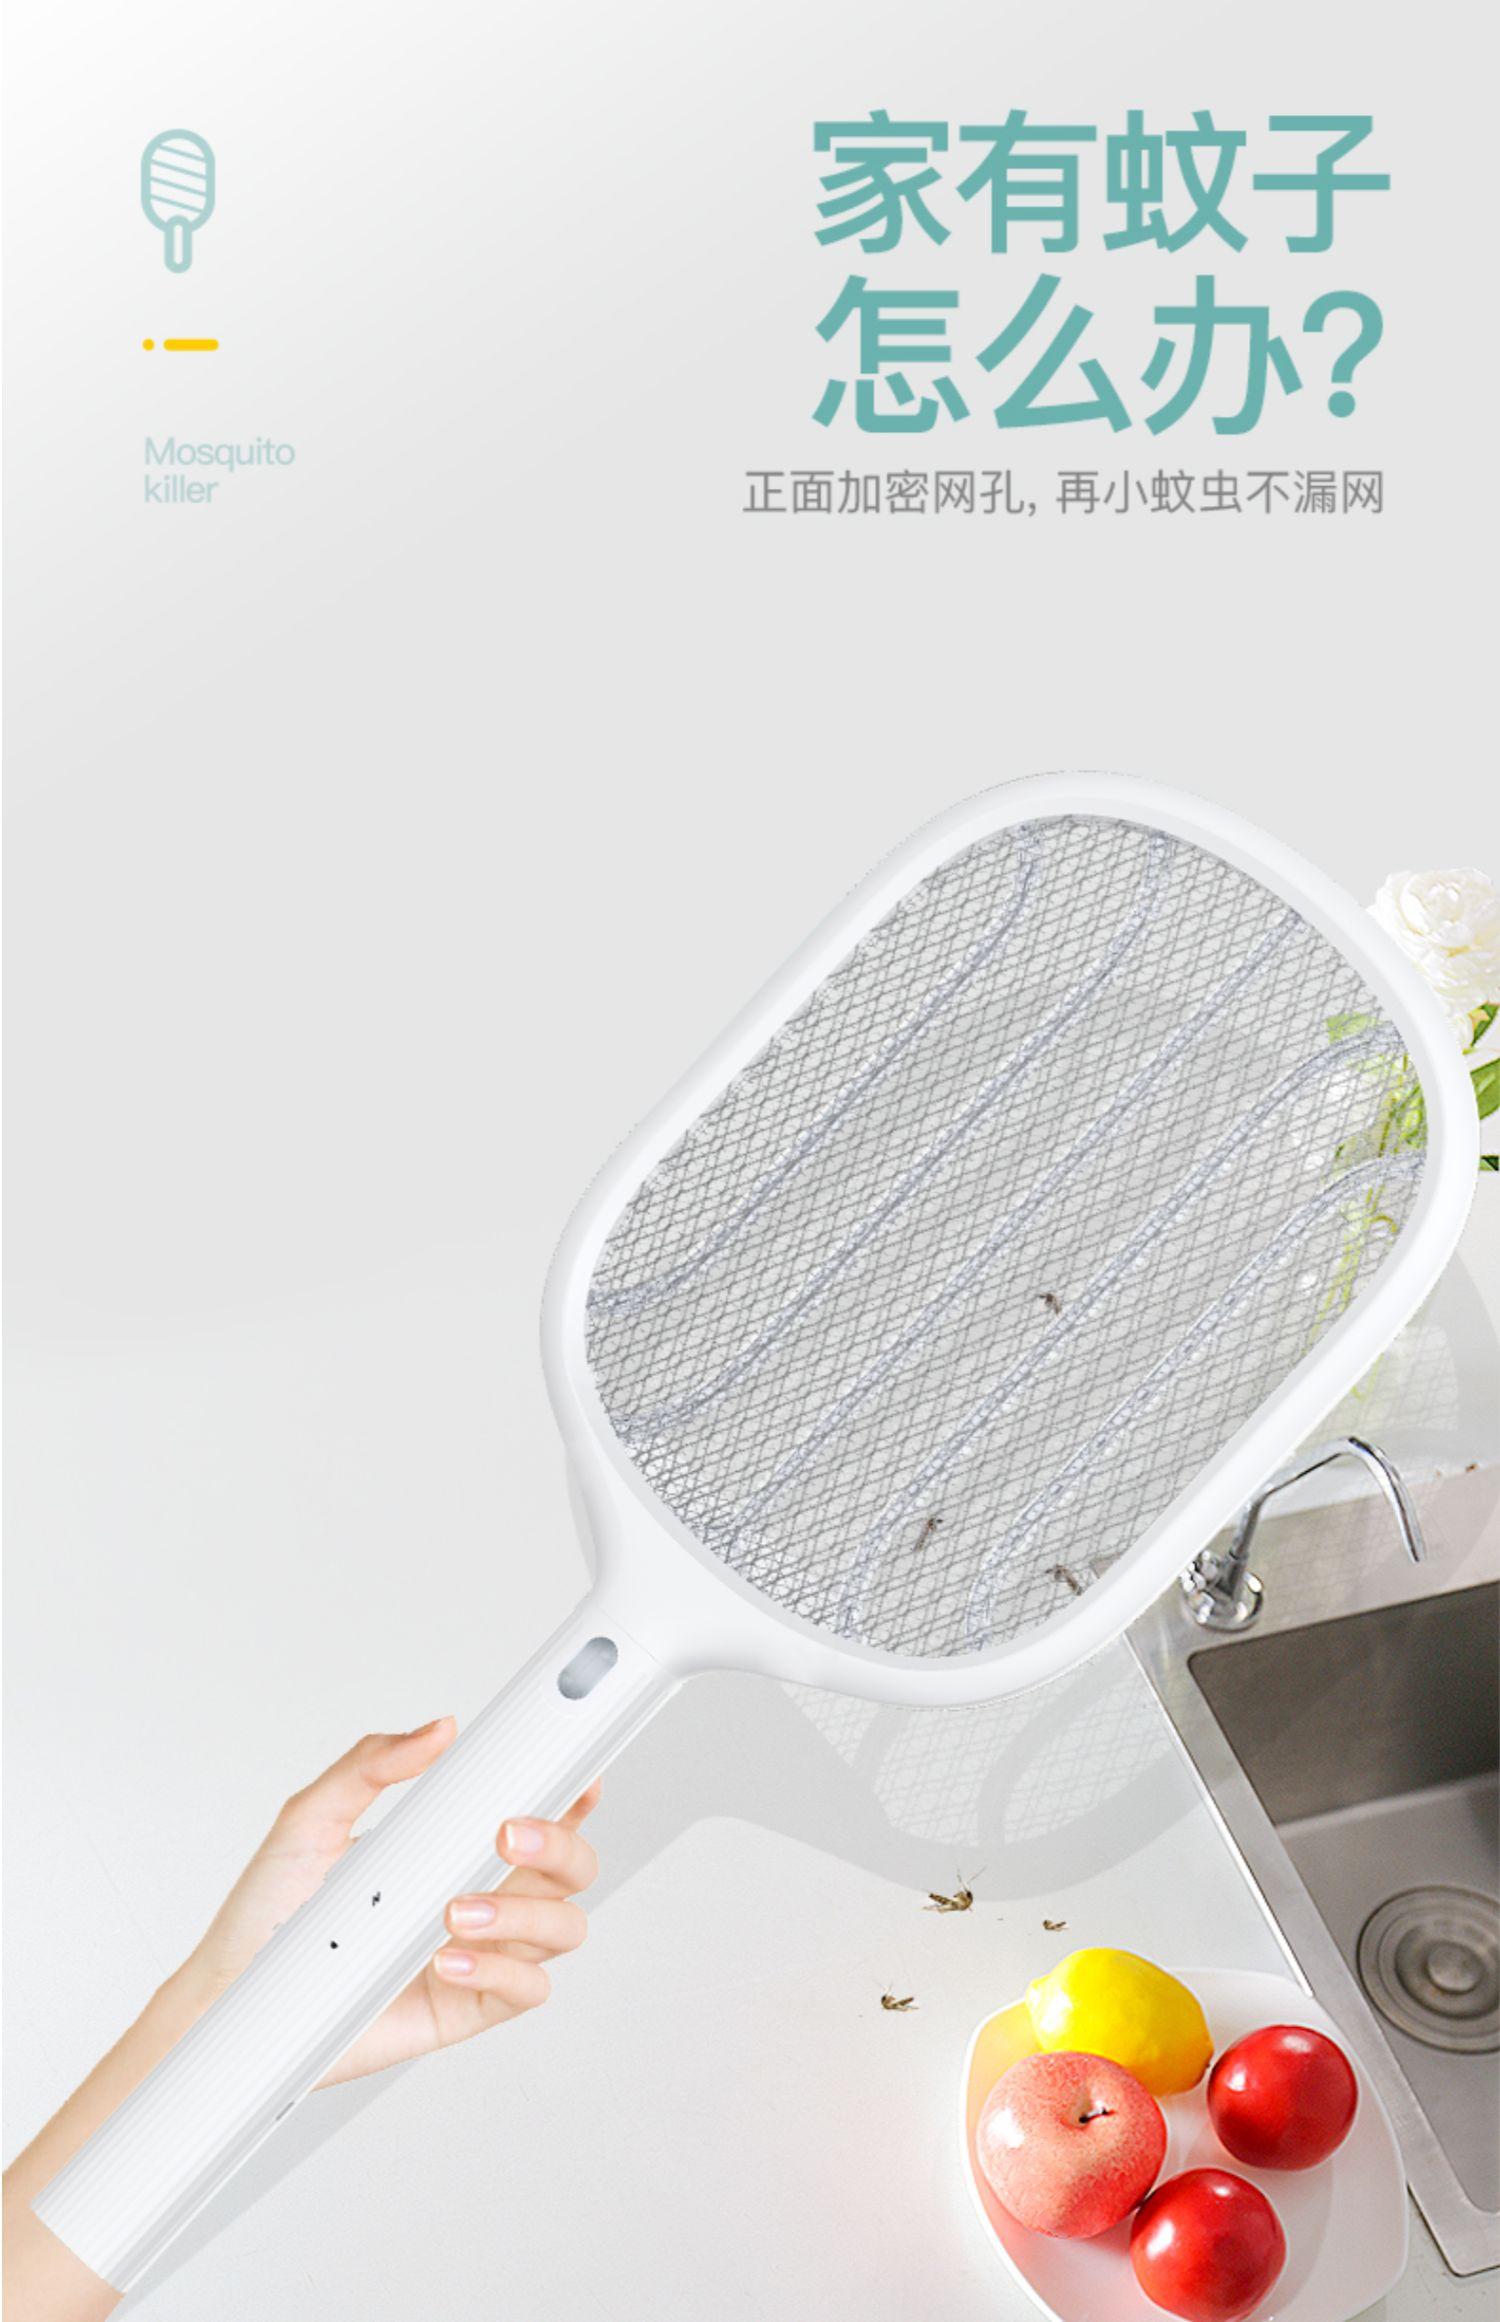 雅格电蚊拍充电式家用灭蚊灯诱蚊子